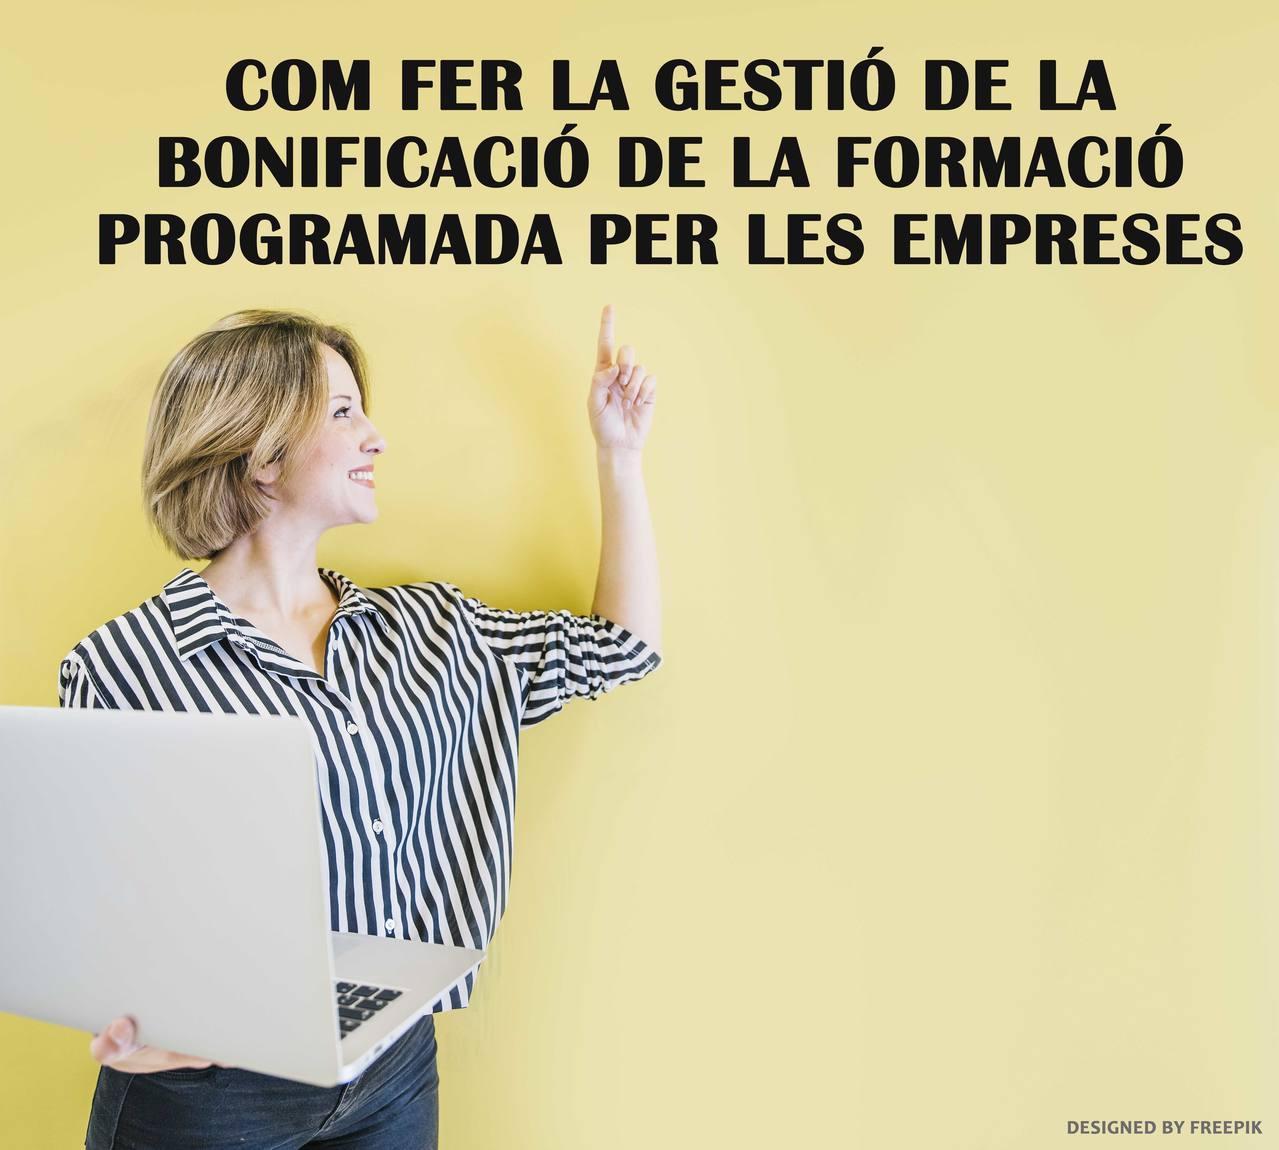 CÓMO HACER LA GESTIÓN DE LA BONIFICACIÓN DE LA FORMACIÓN PROGRAMADA PARA LAS EMPRESAS